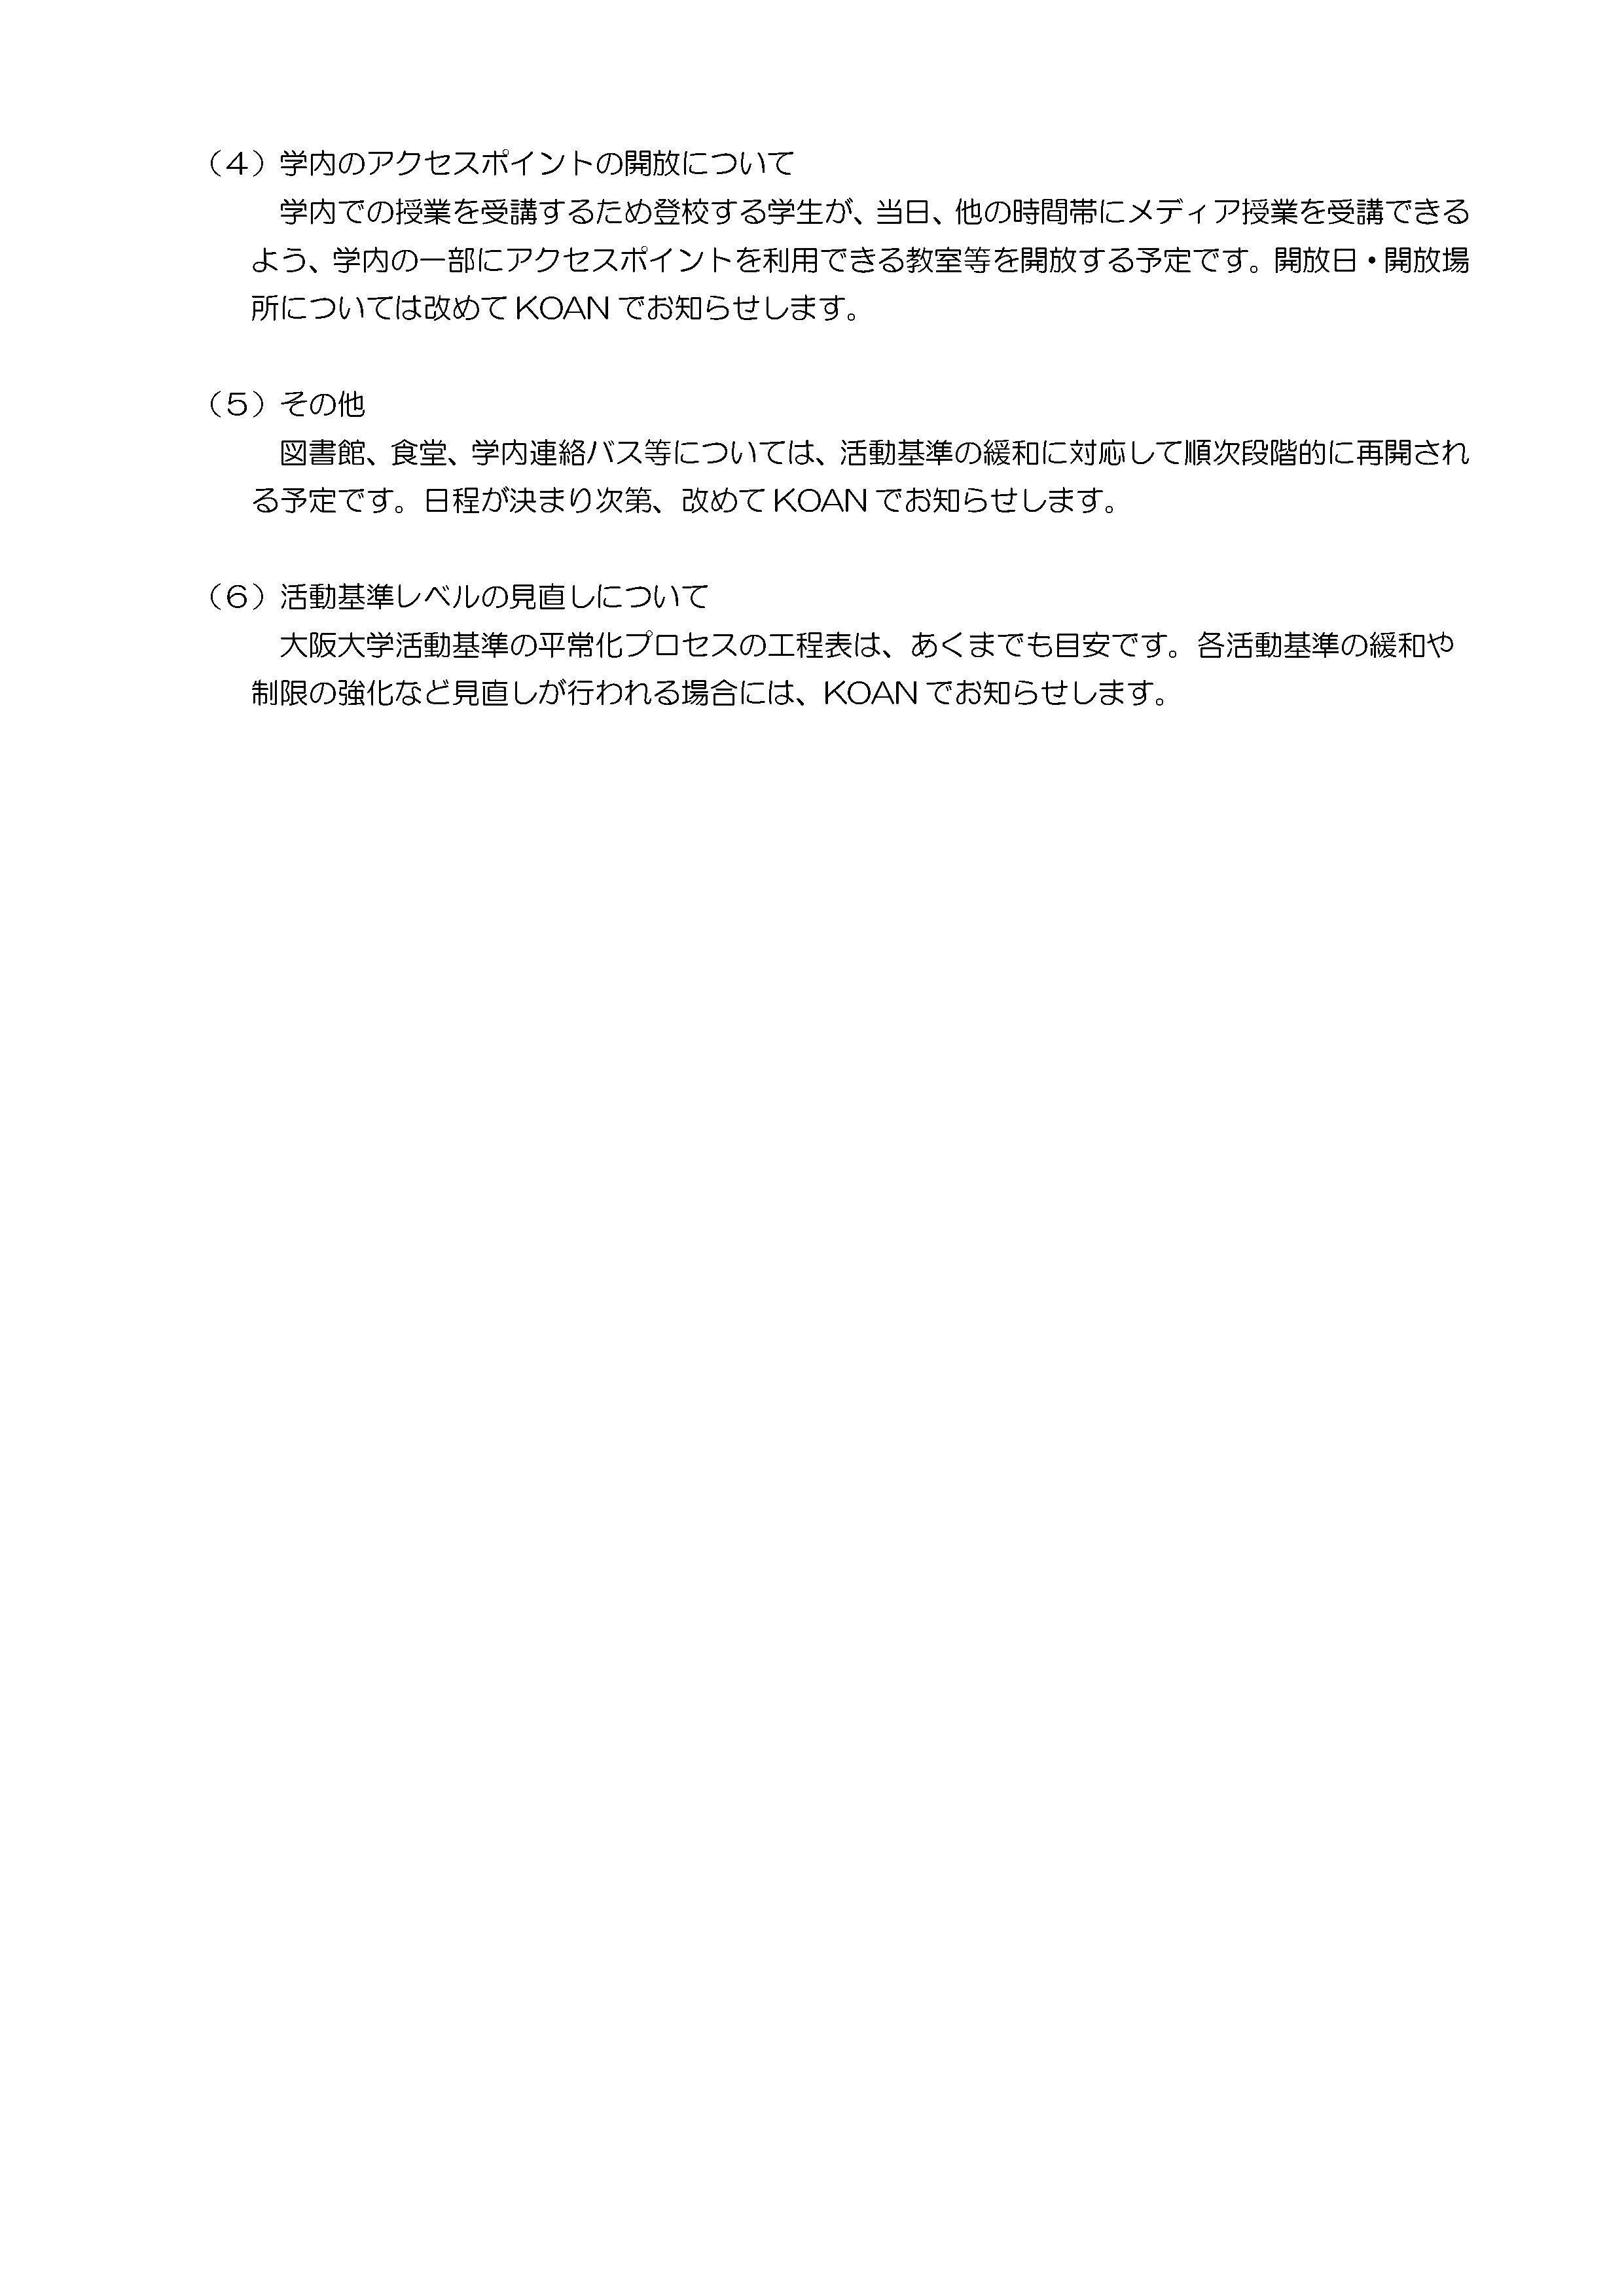 200520_03_KOAN_forstudent02.jpg